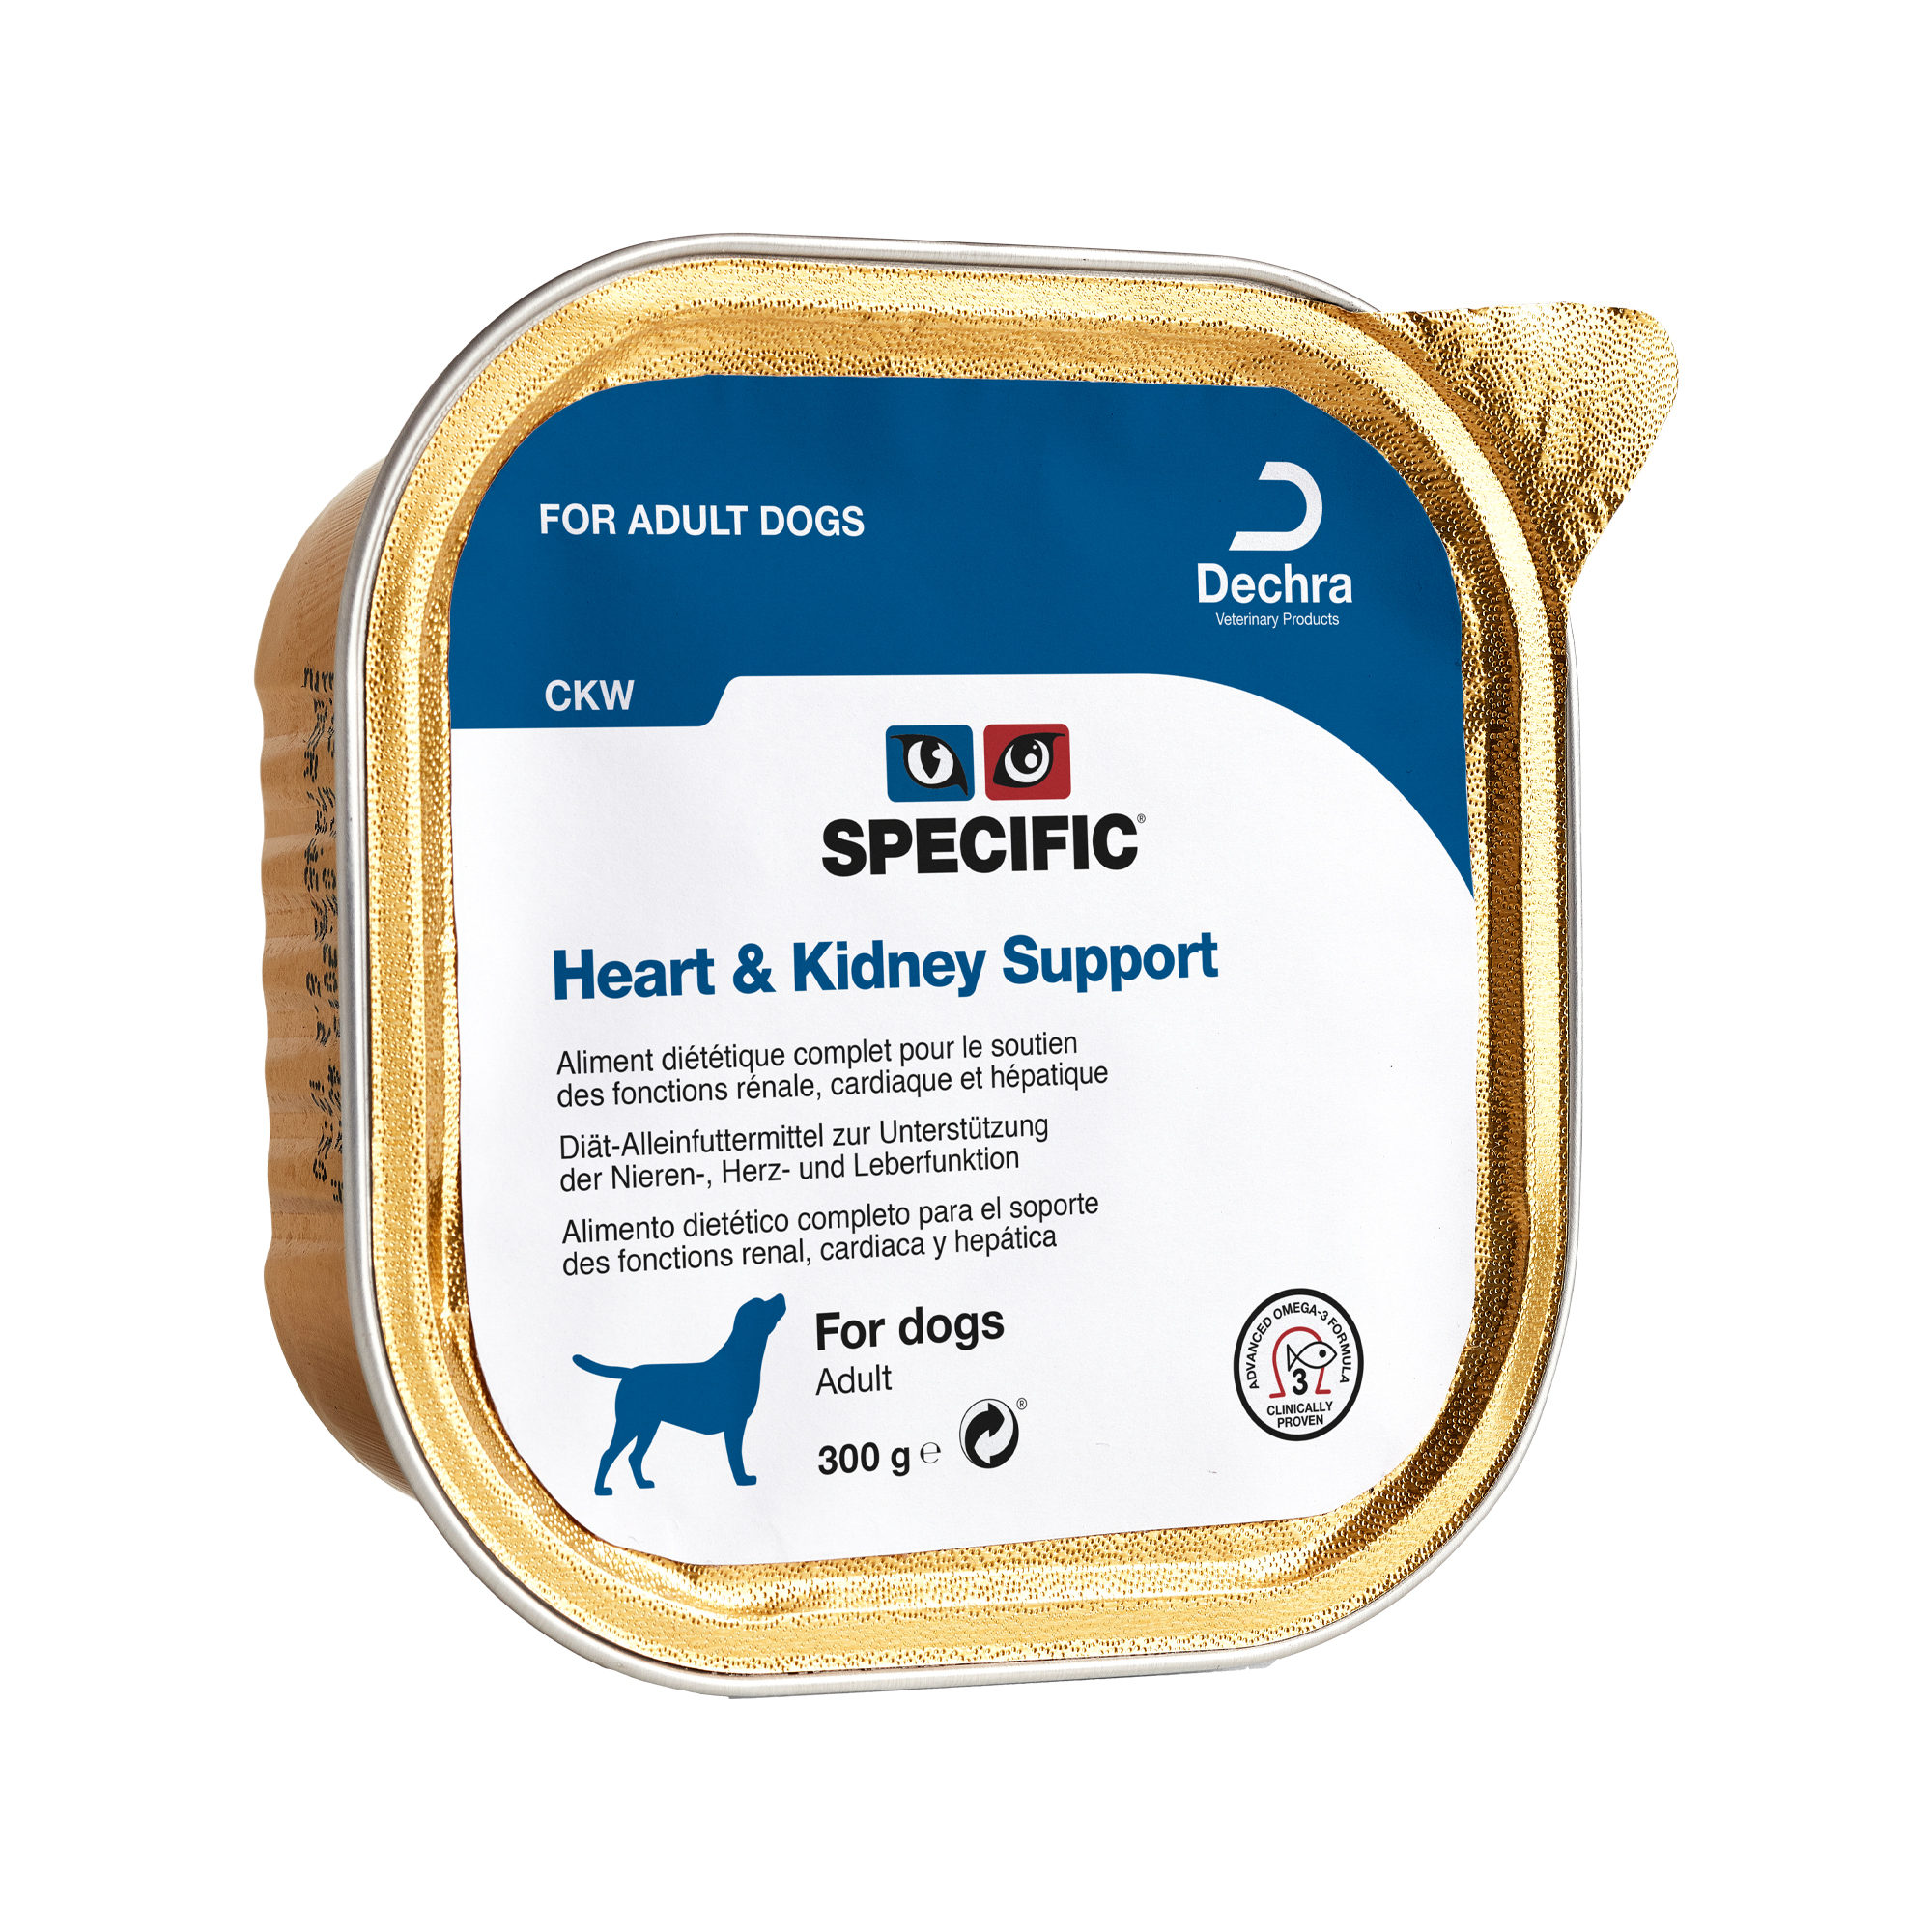 SPECIFIC Heart & Kidney Support CKW Hundefutter - Schälchen